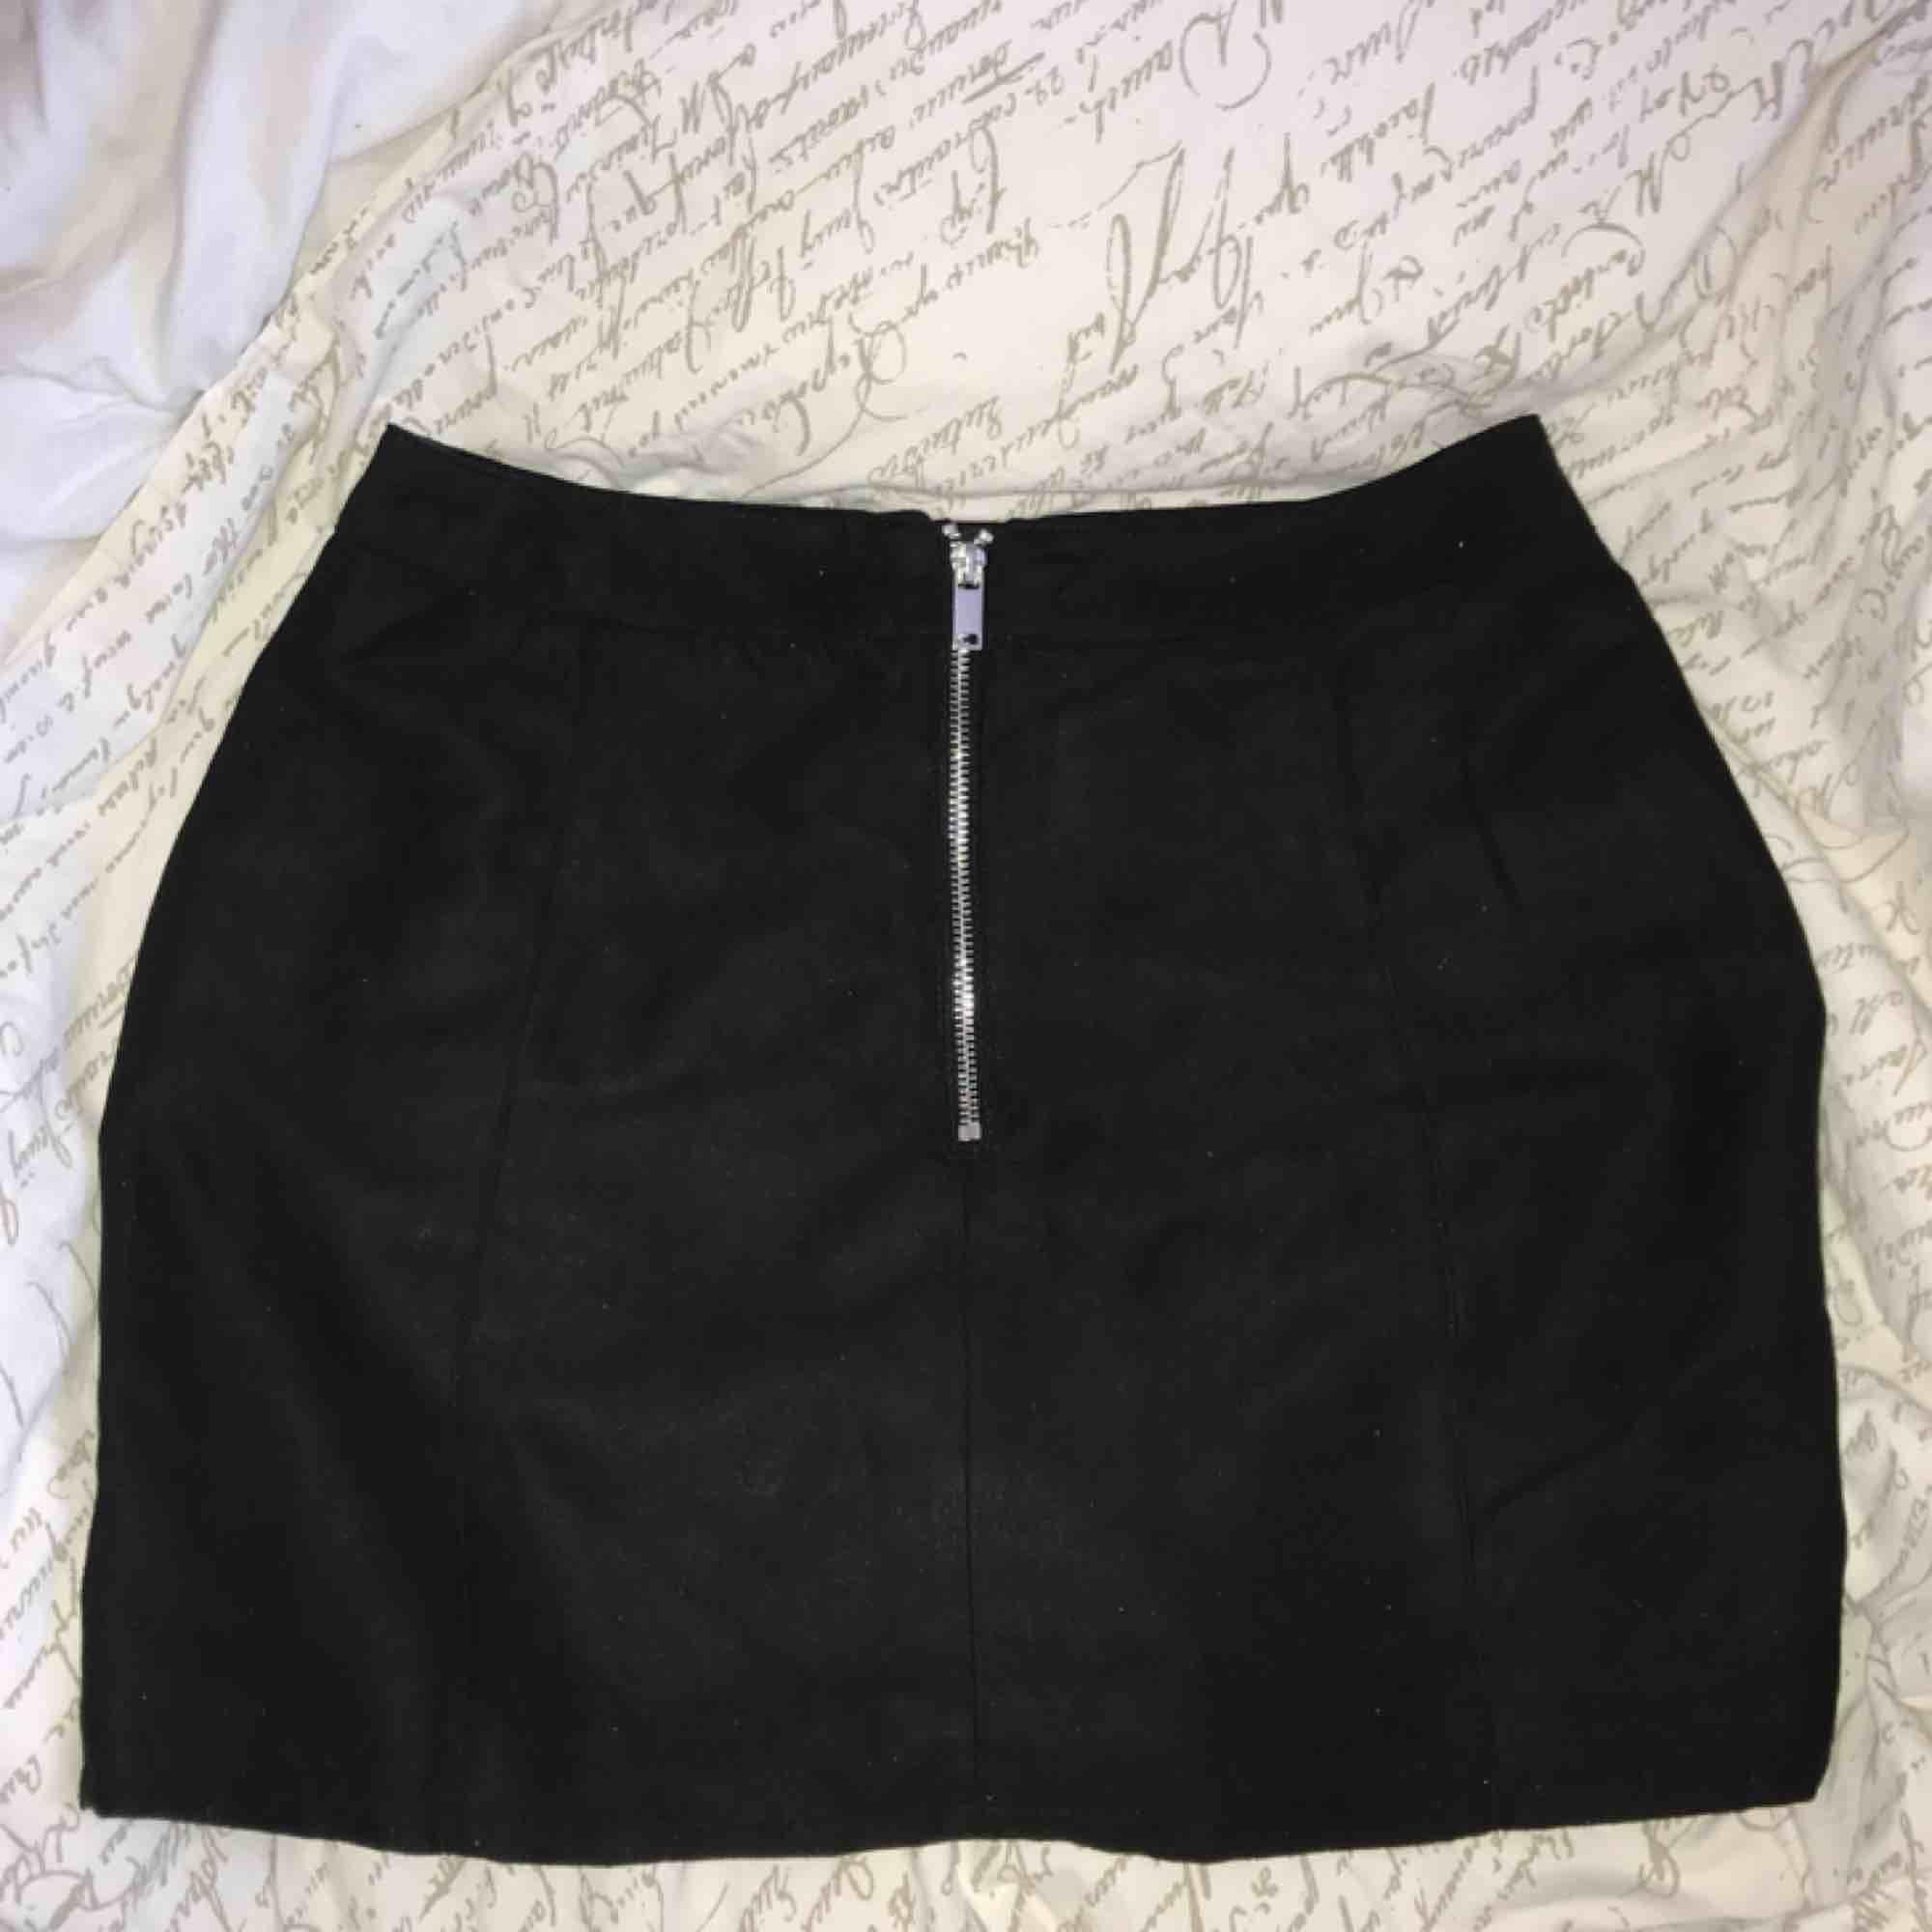 Svart kjol materialet är likt mocka! 😍 super skön och sitter fint på. Nytt skick!. Kjolar.